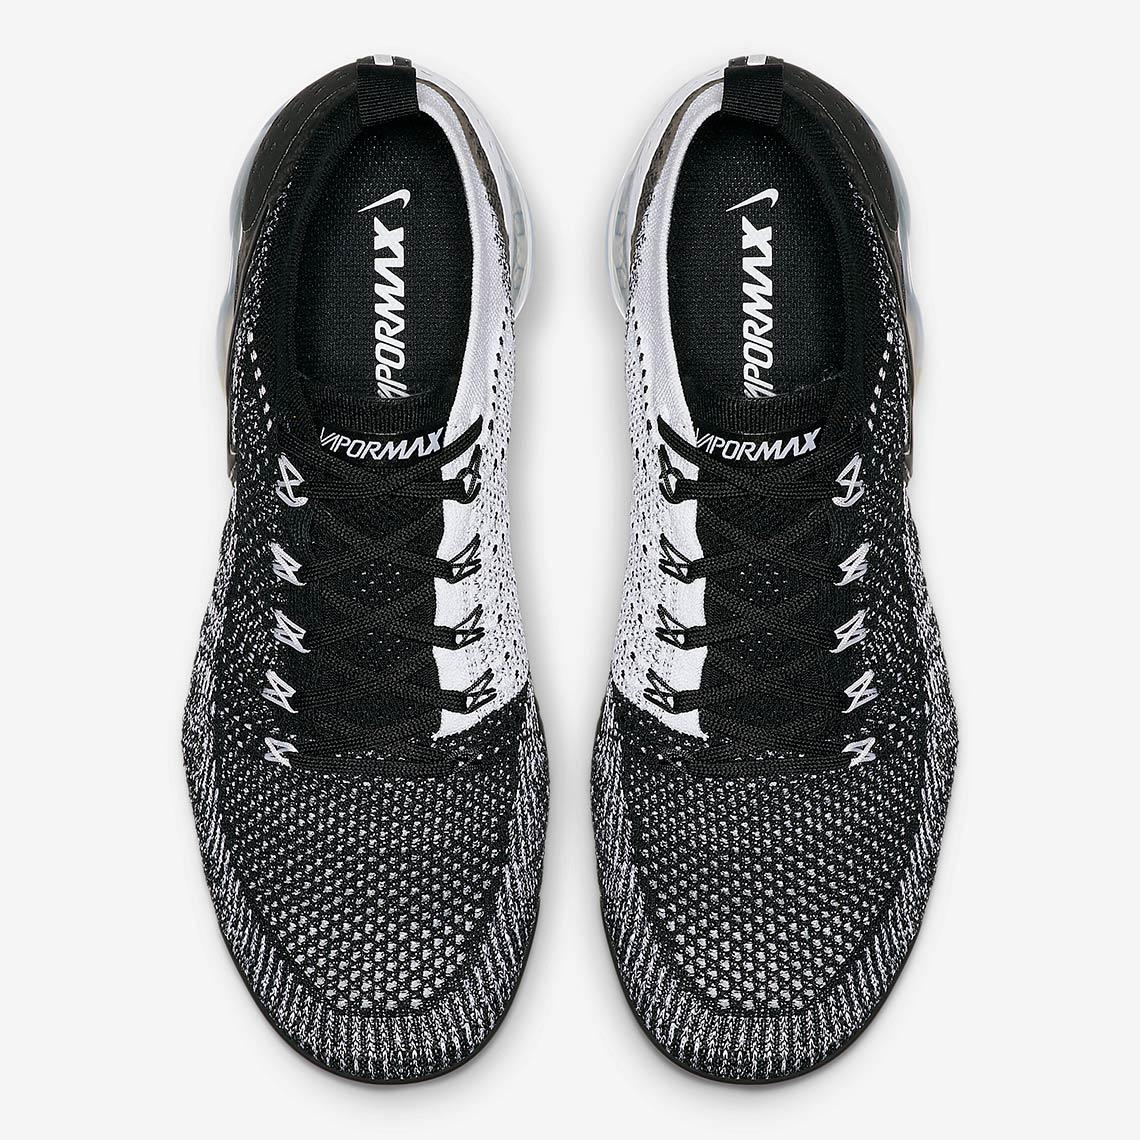 93bec6502241b Nike Vapormax 2 Orca Black + White 942842-016